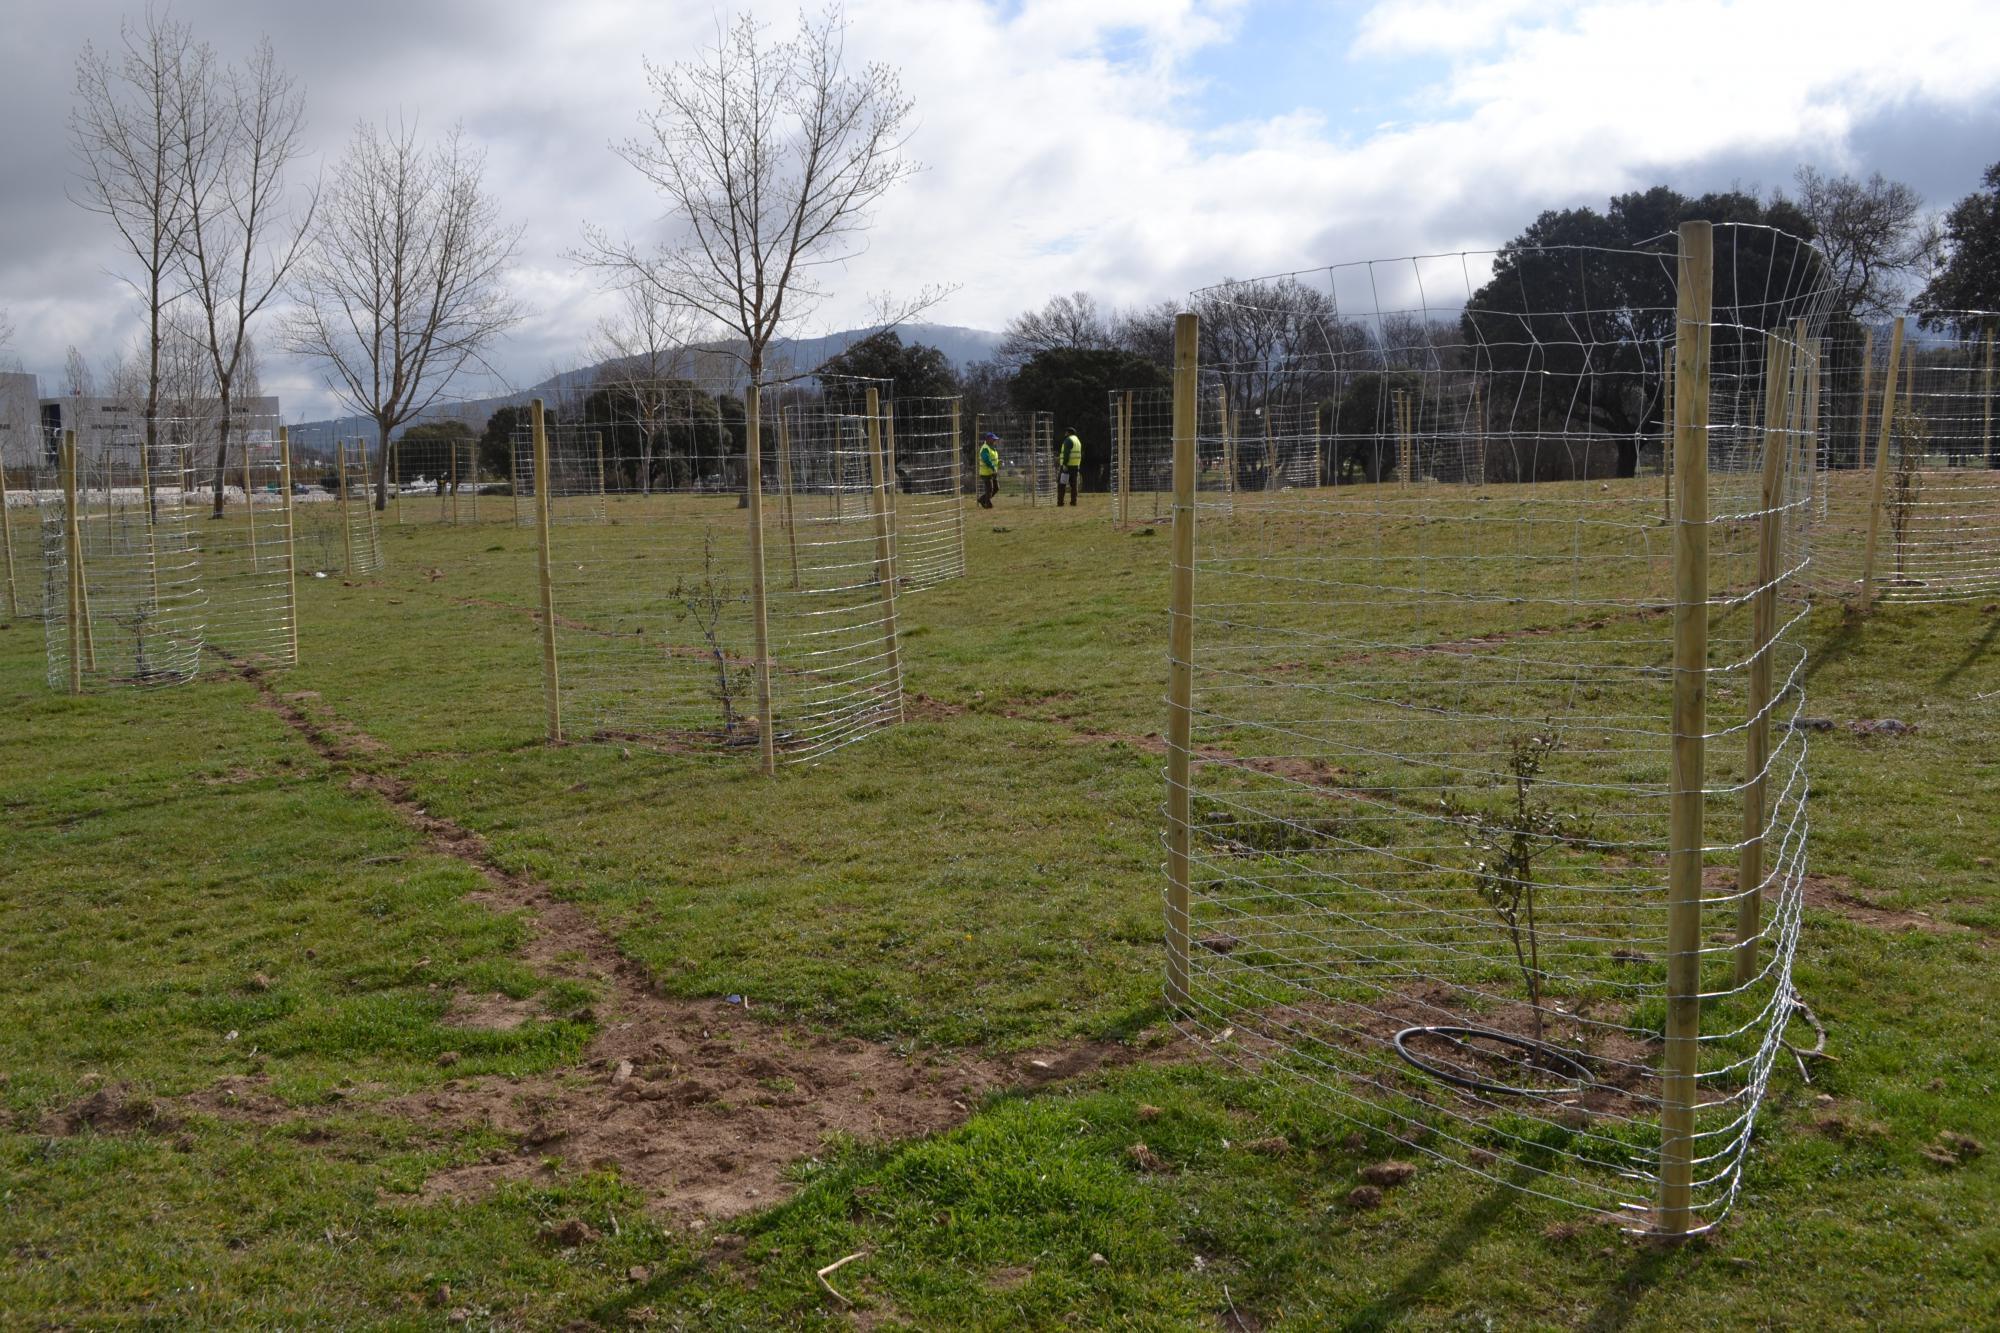 El Hospital General de Collado Villalba planta más de 1.500 árboles en zonas verdes del municipio